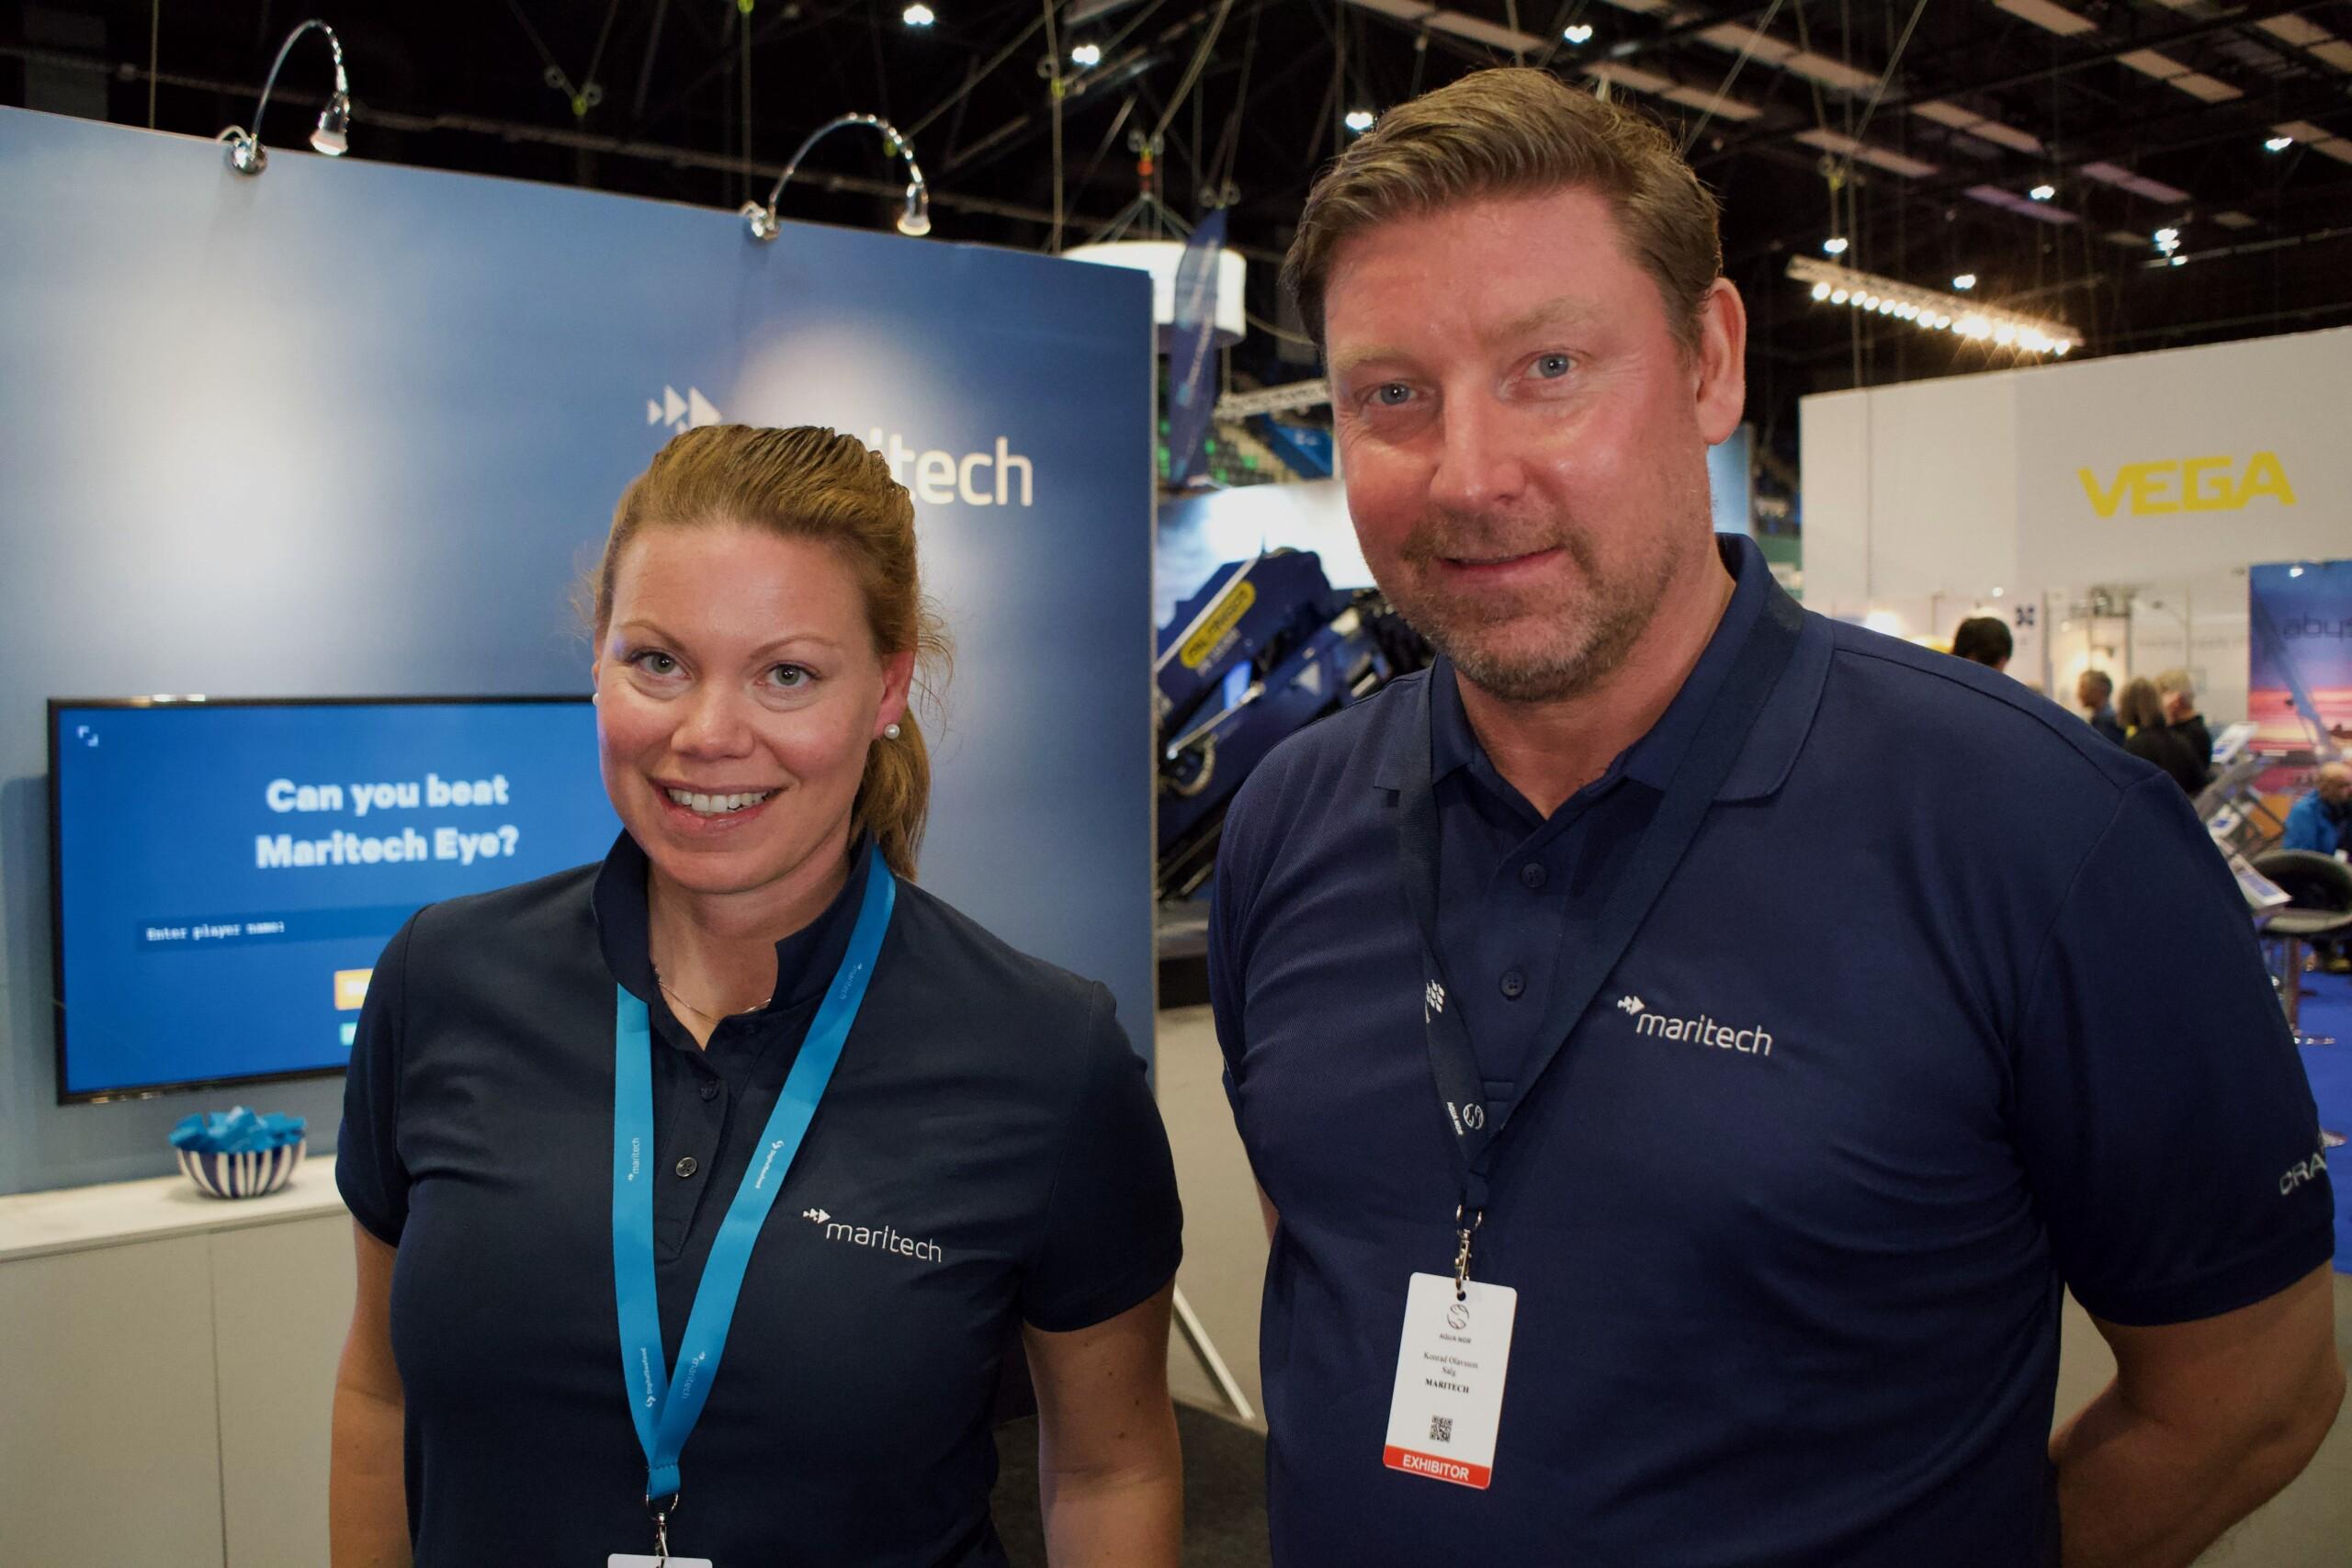 Christine Møller-Christensen and Konrad H. Olavsson, Maritech